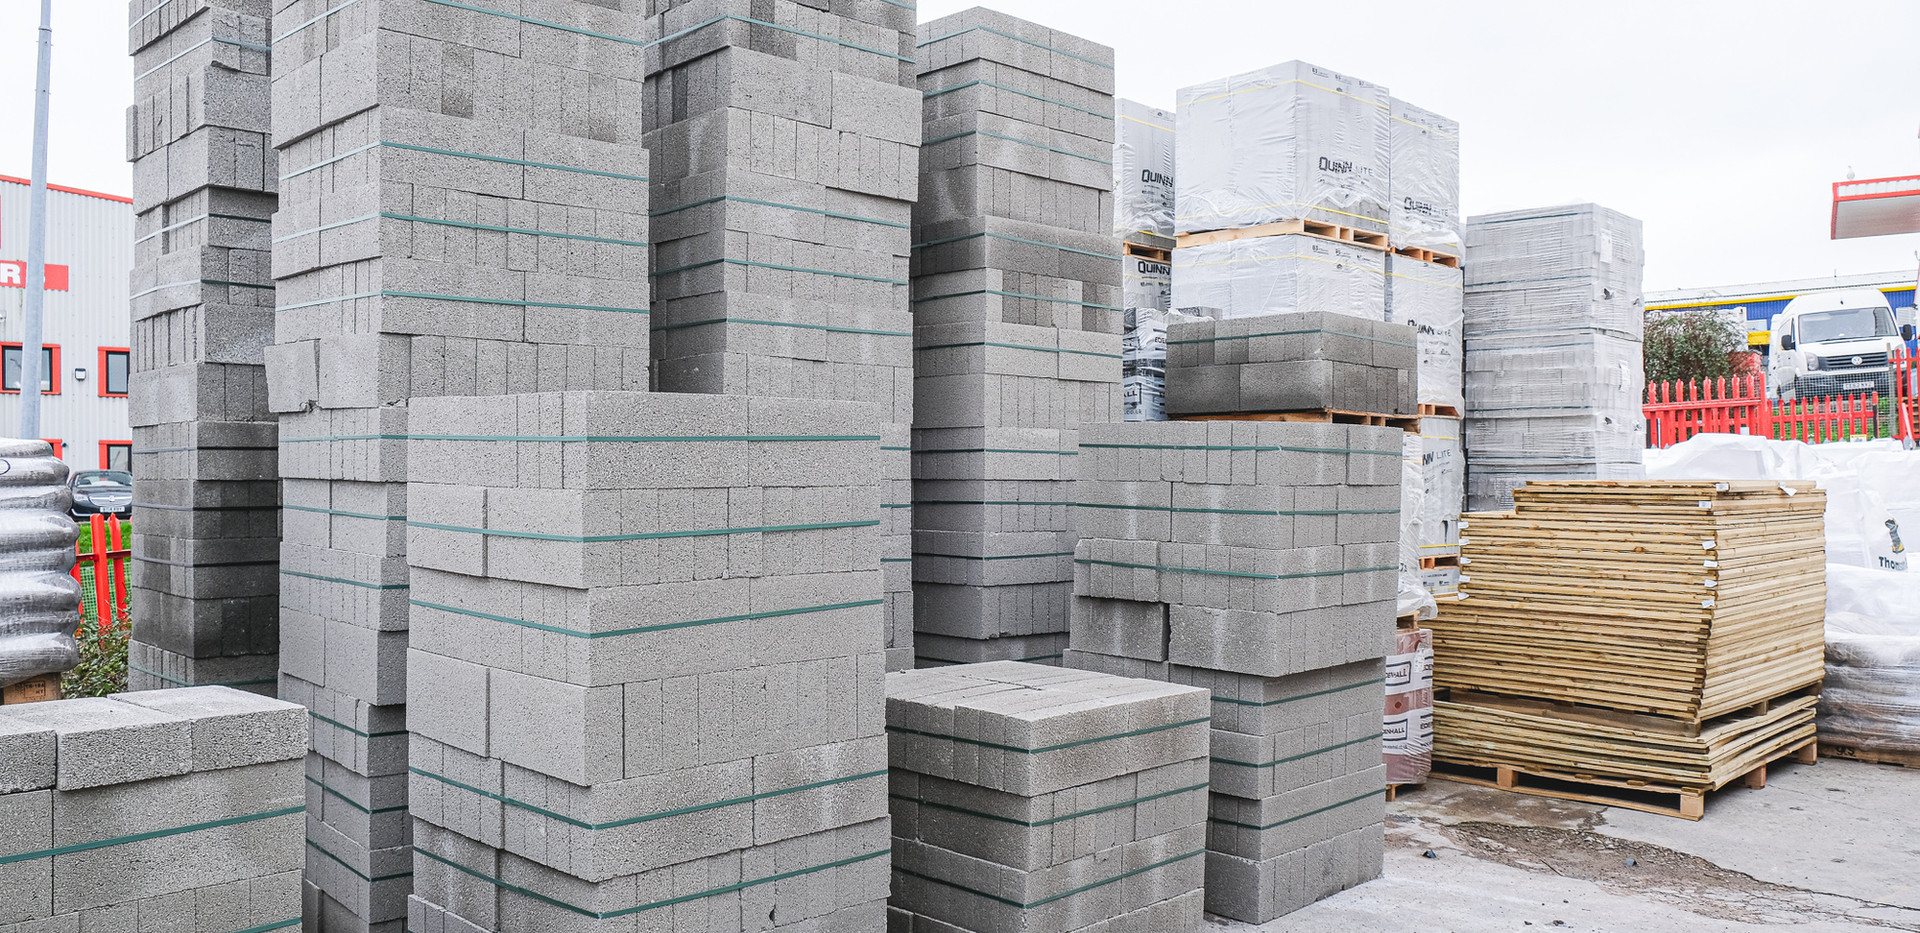 bricks 5.jpg